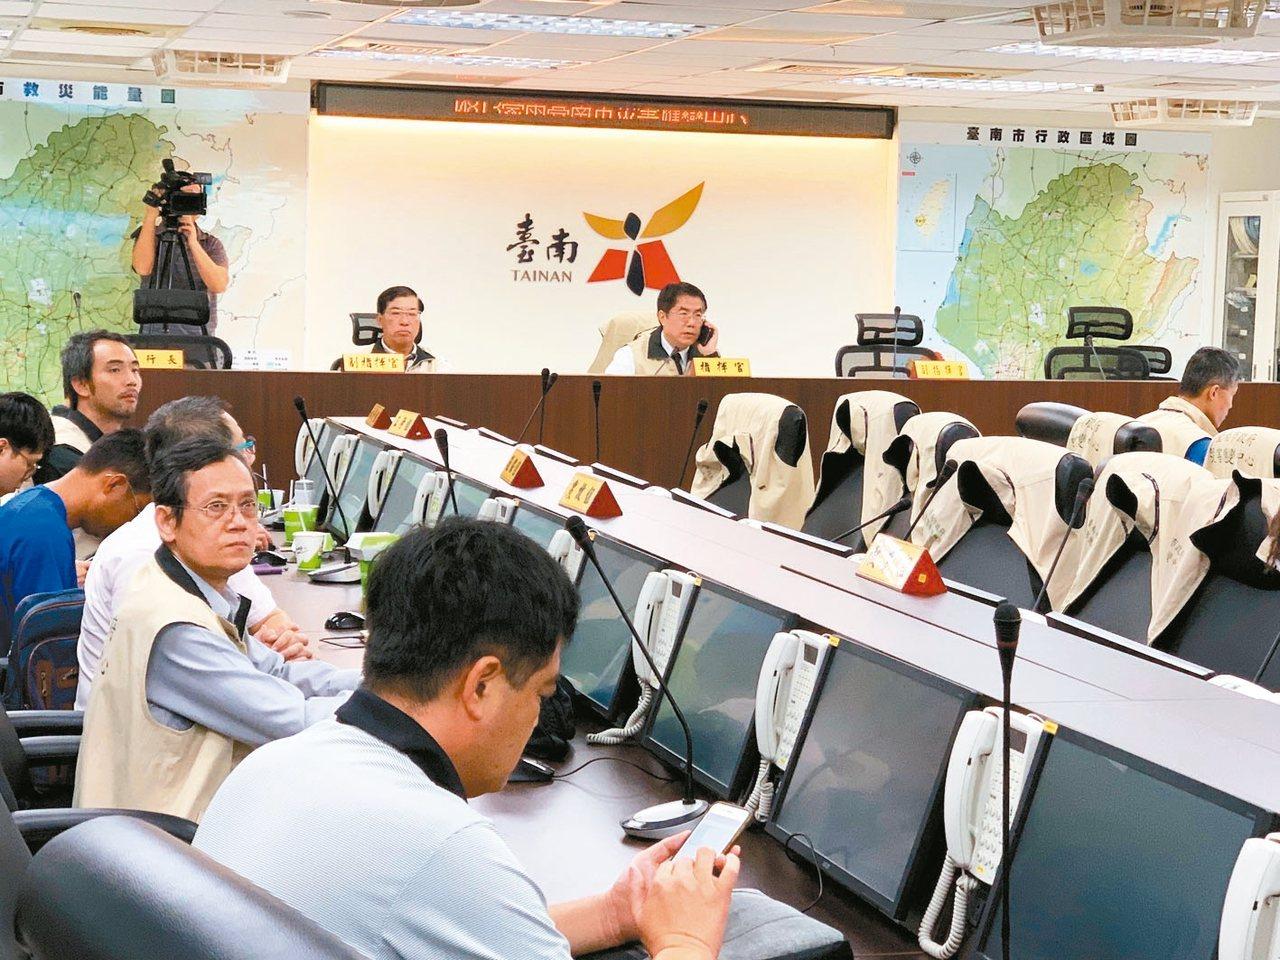 台南市長黃偉哲(右)進災害應變中心聽取簡報。 記者鄭維真/攝影